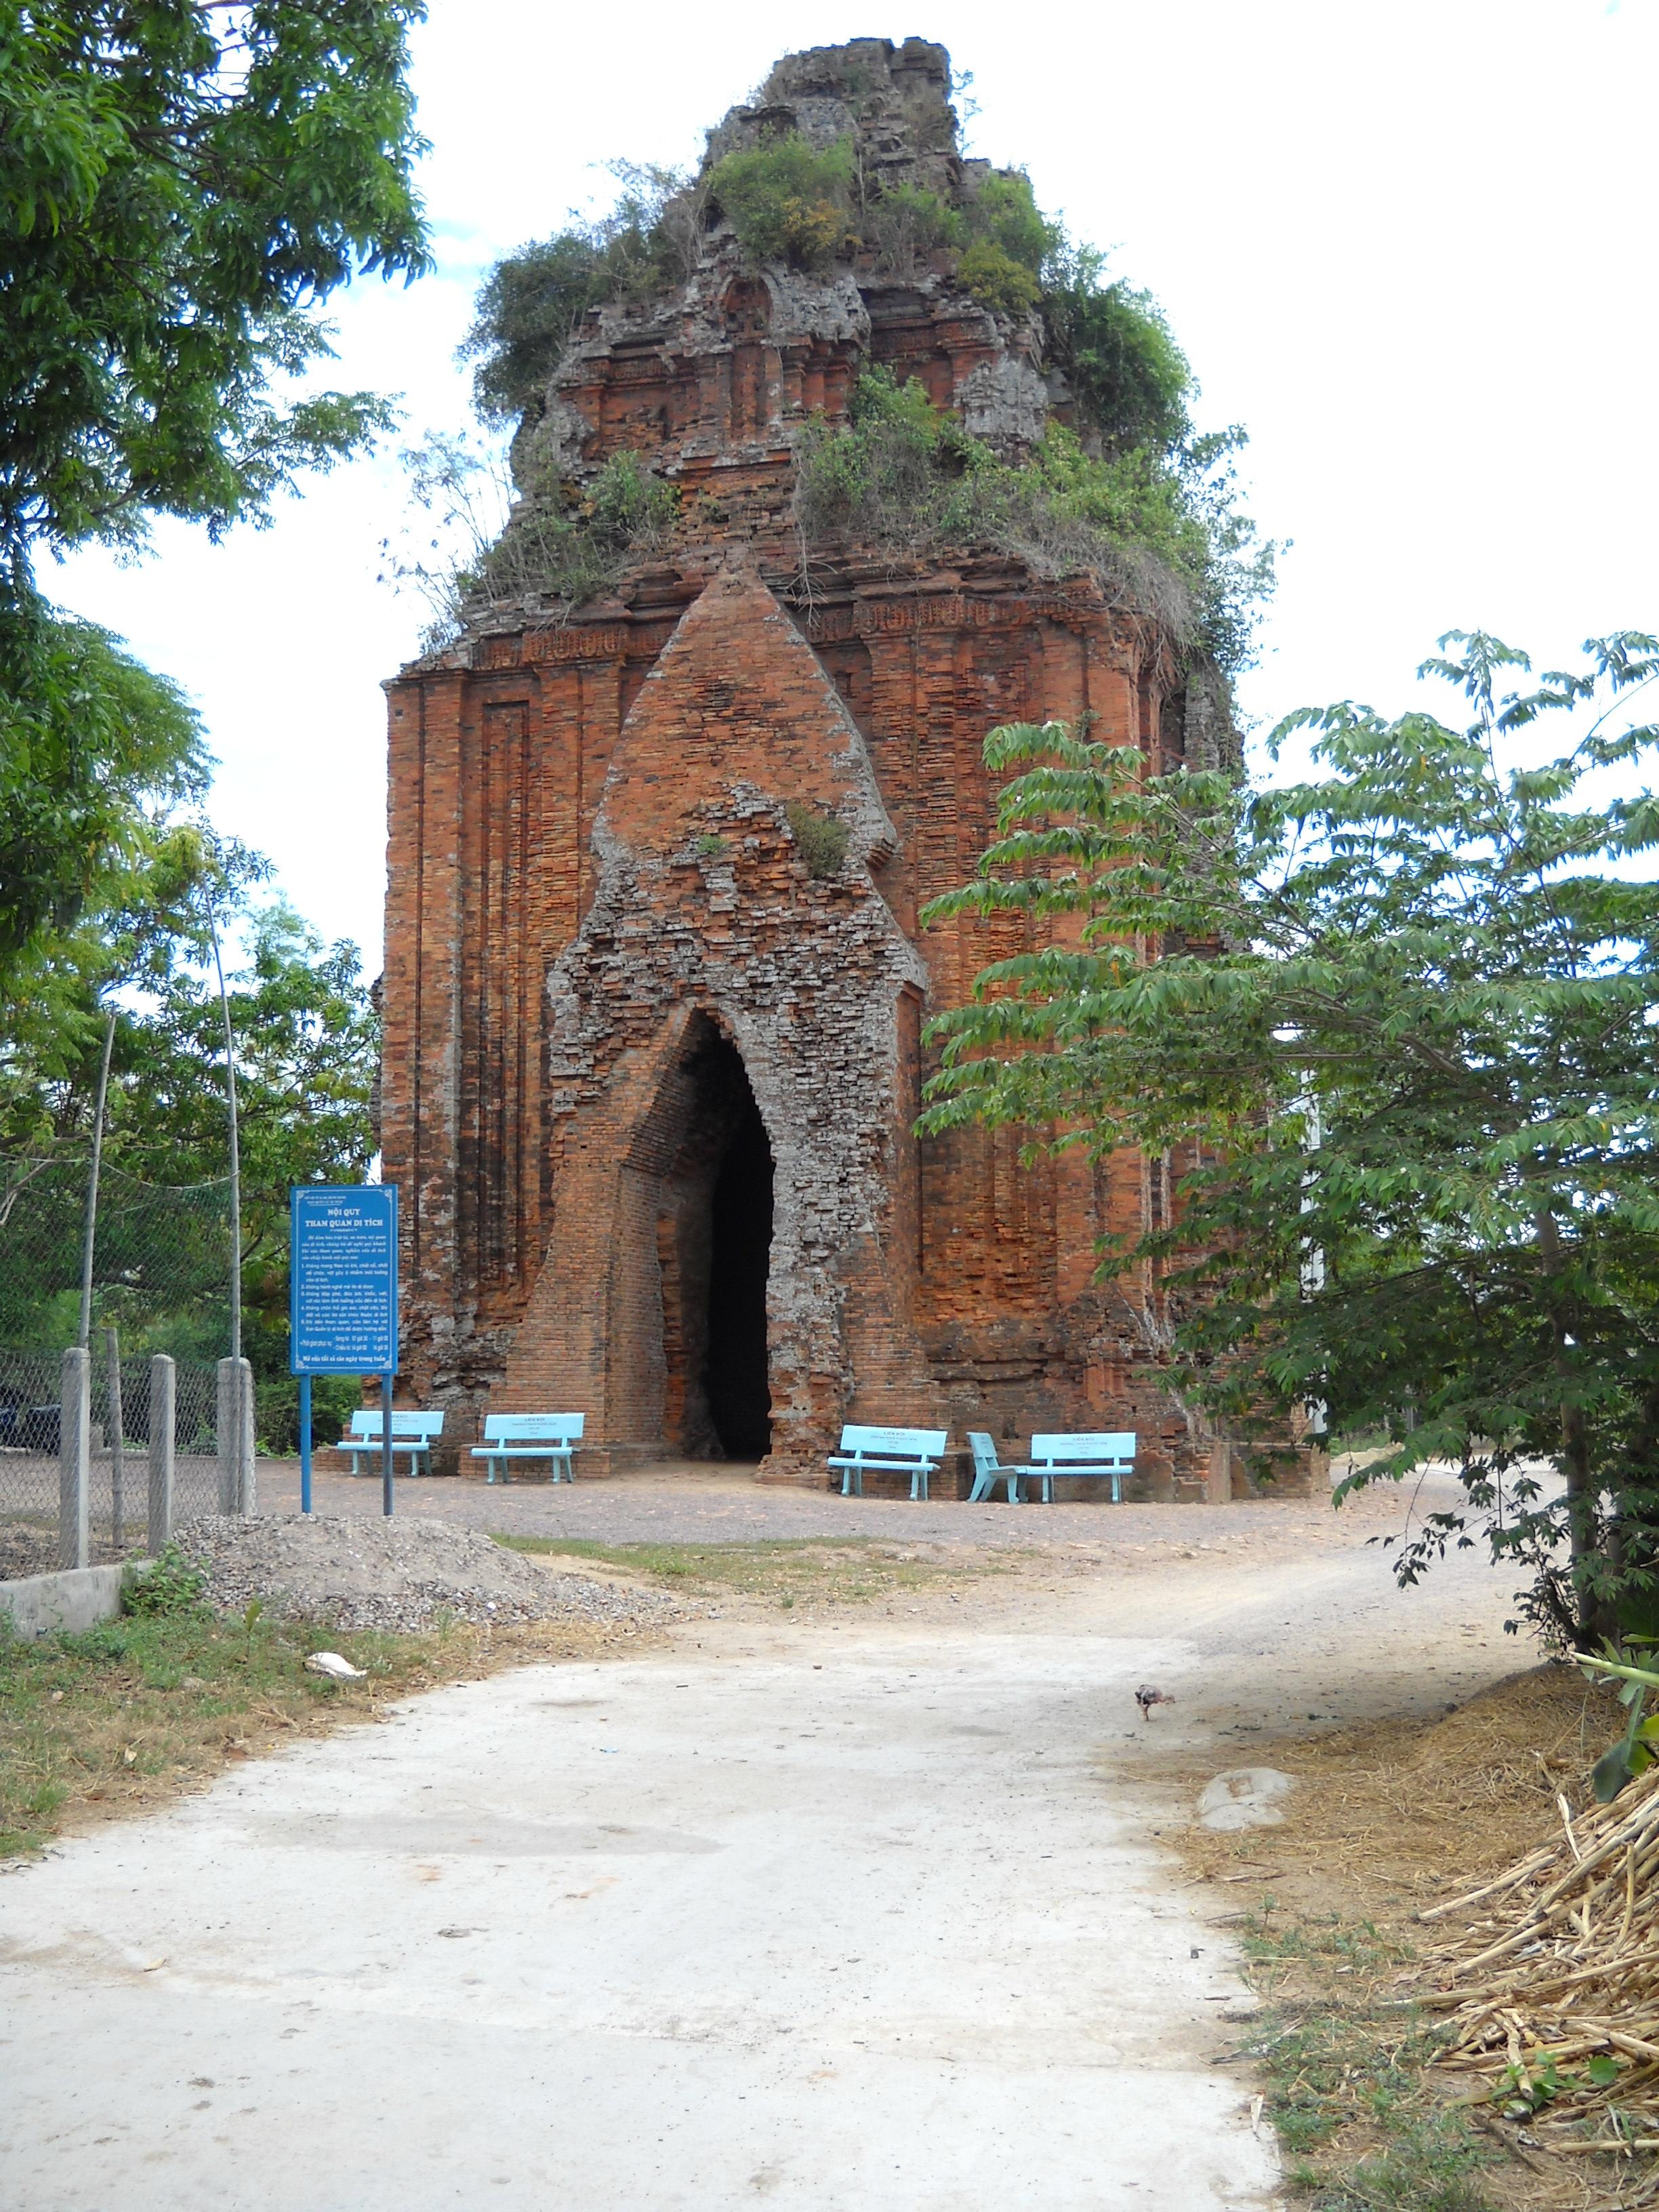 Tập Tin:Tháp Bình Lâm, Tuy Phong, Bình Định.Jpg